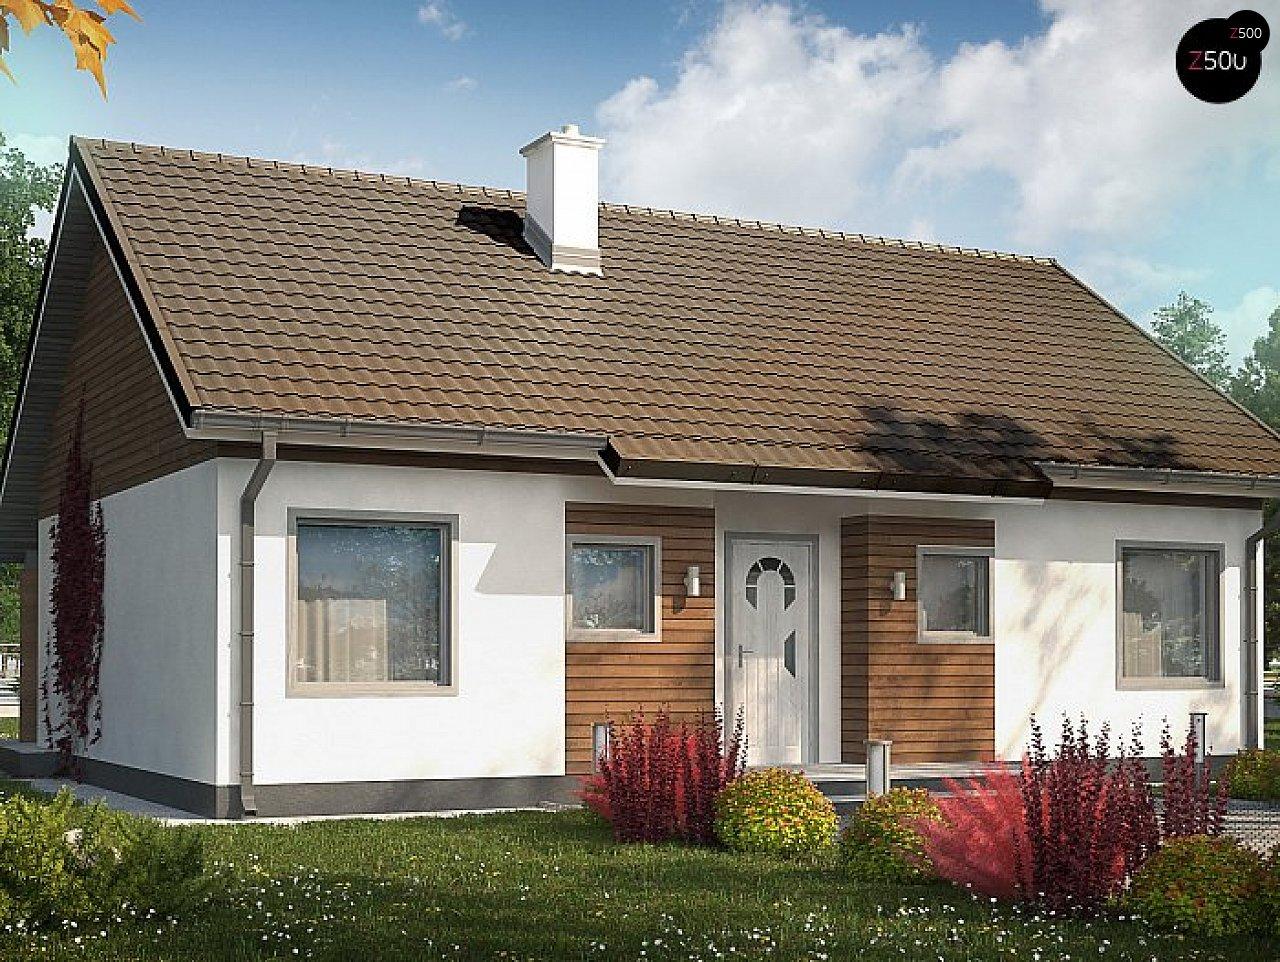 Проект небольшого одноэтажного дома в европейском стиле с двускатной кровлей. 1